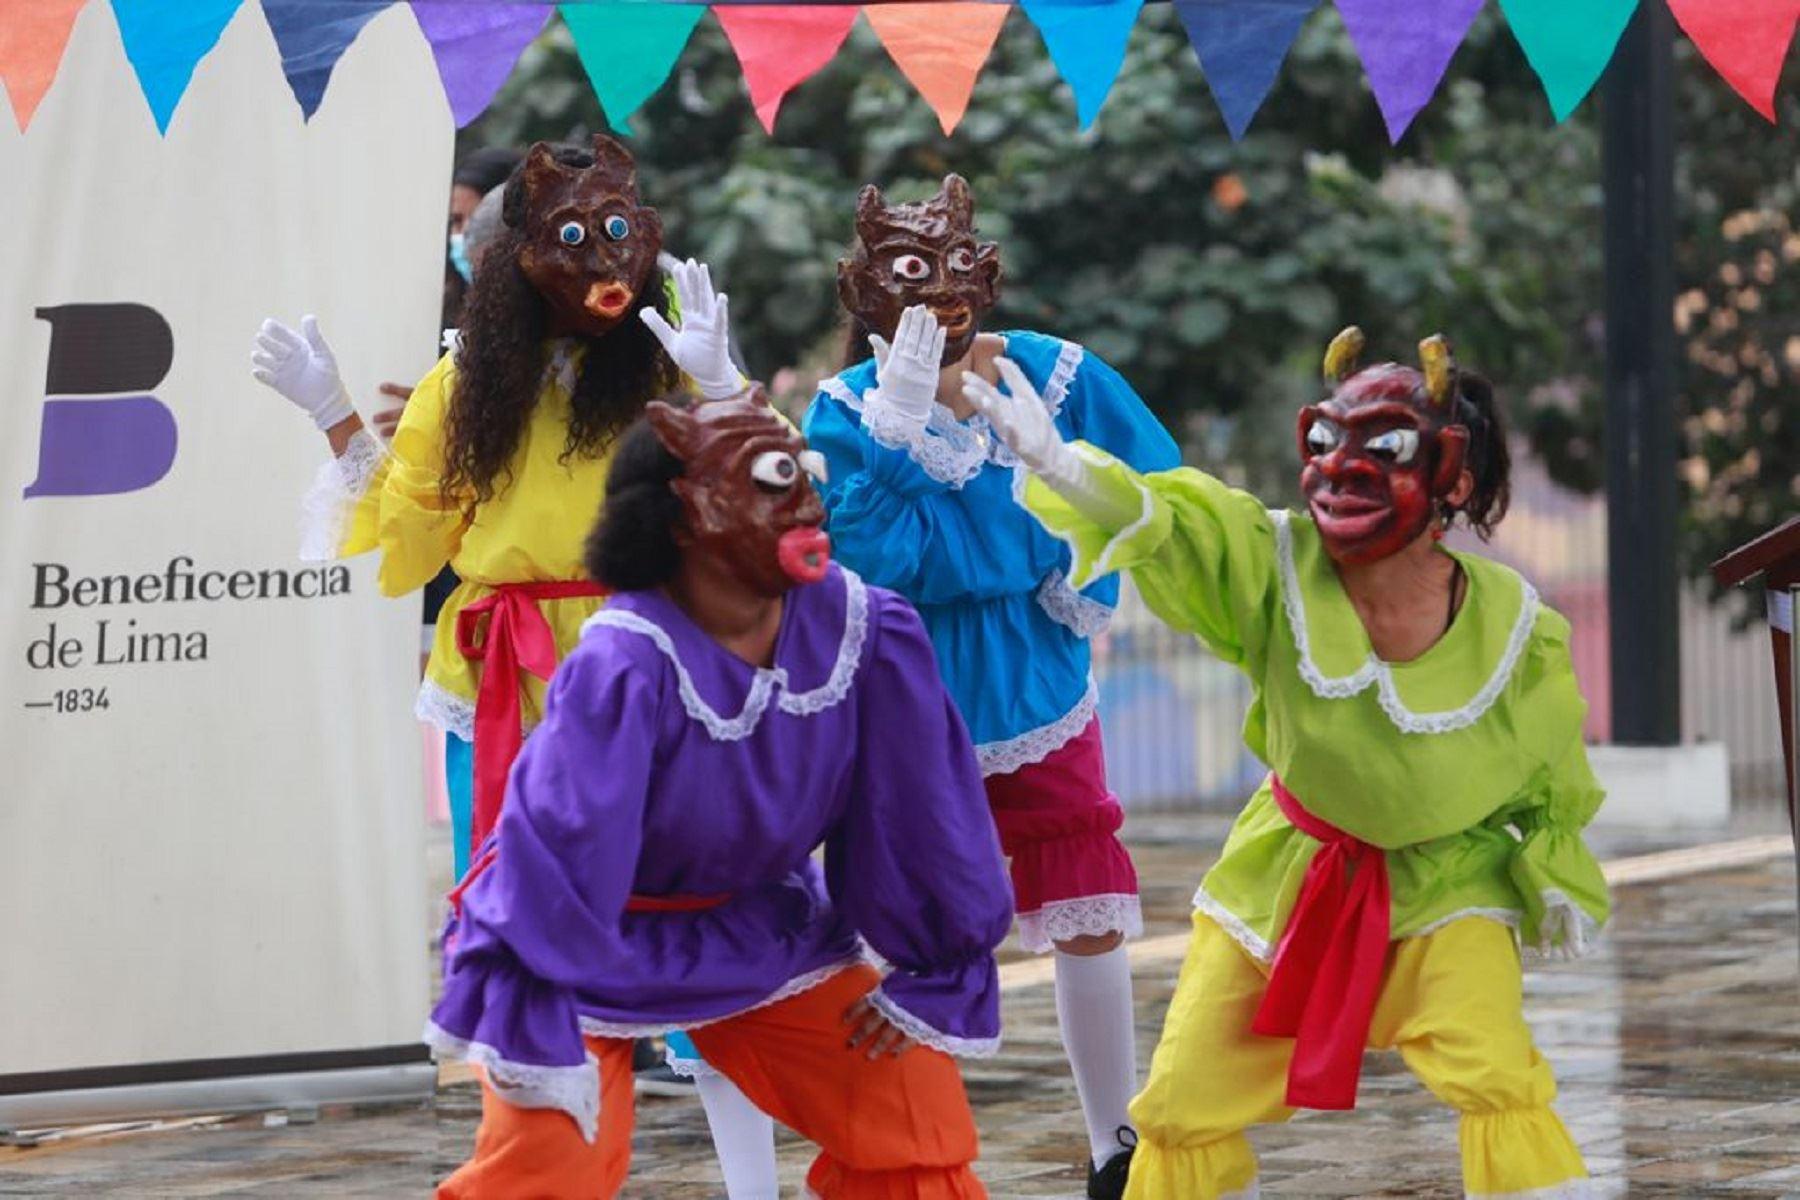 Ministro de Cultura participó en la ceremonia de talleres artísticos en Barrios Altos. Foto: DIfusión